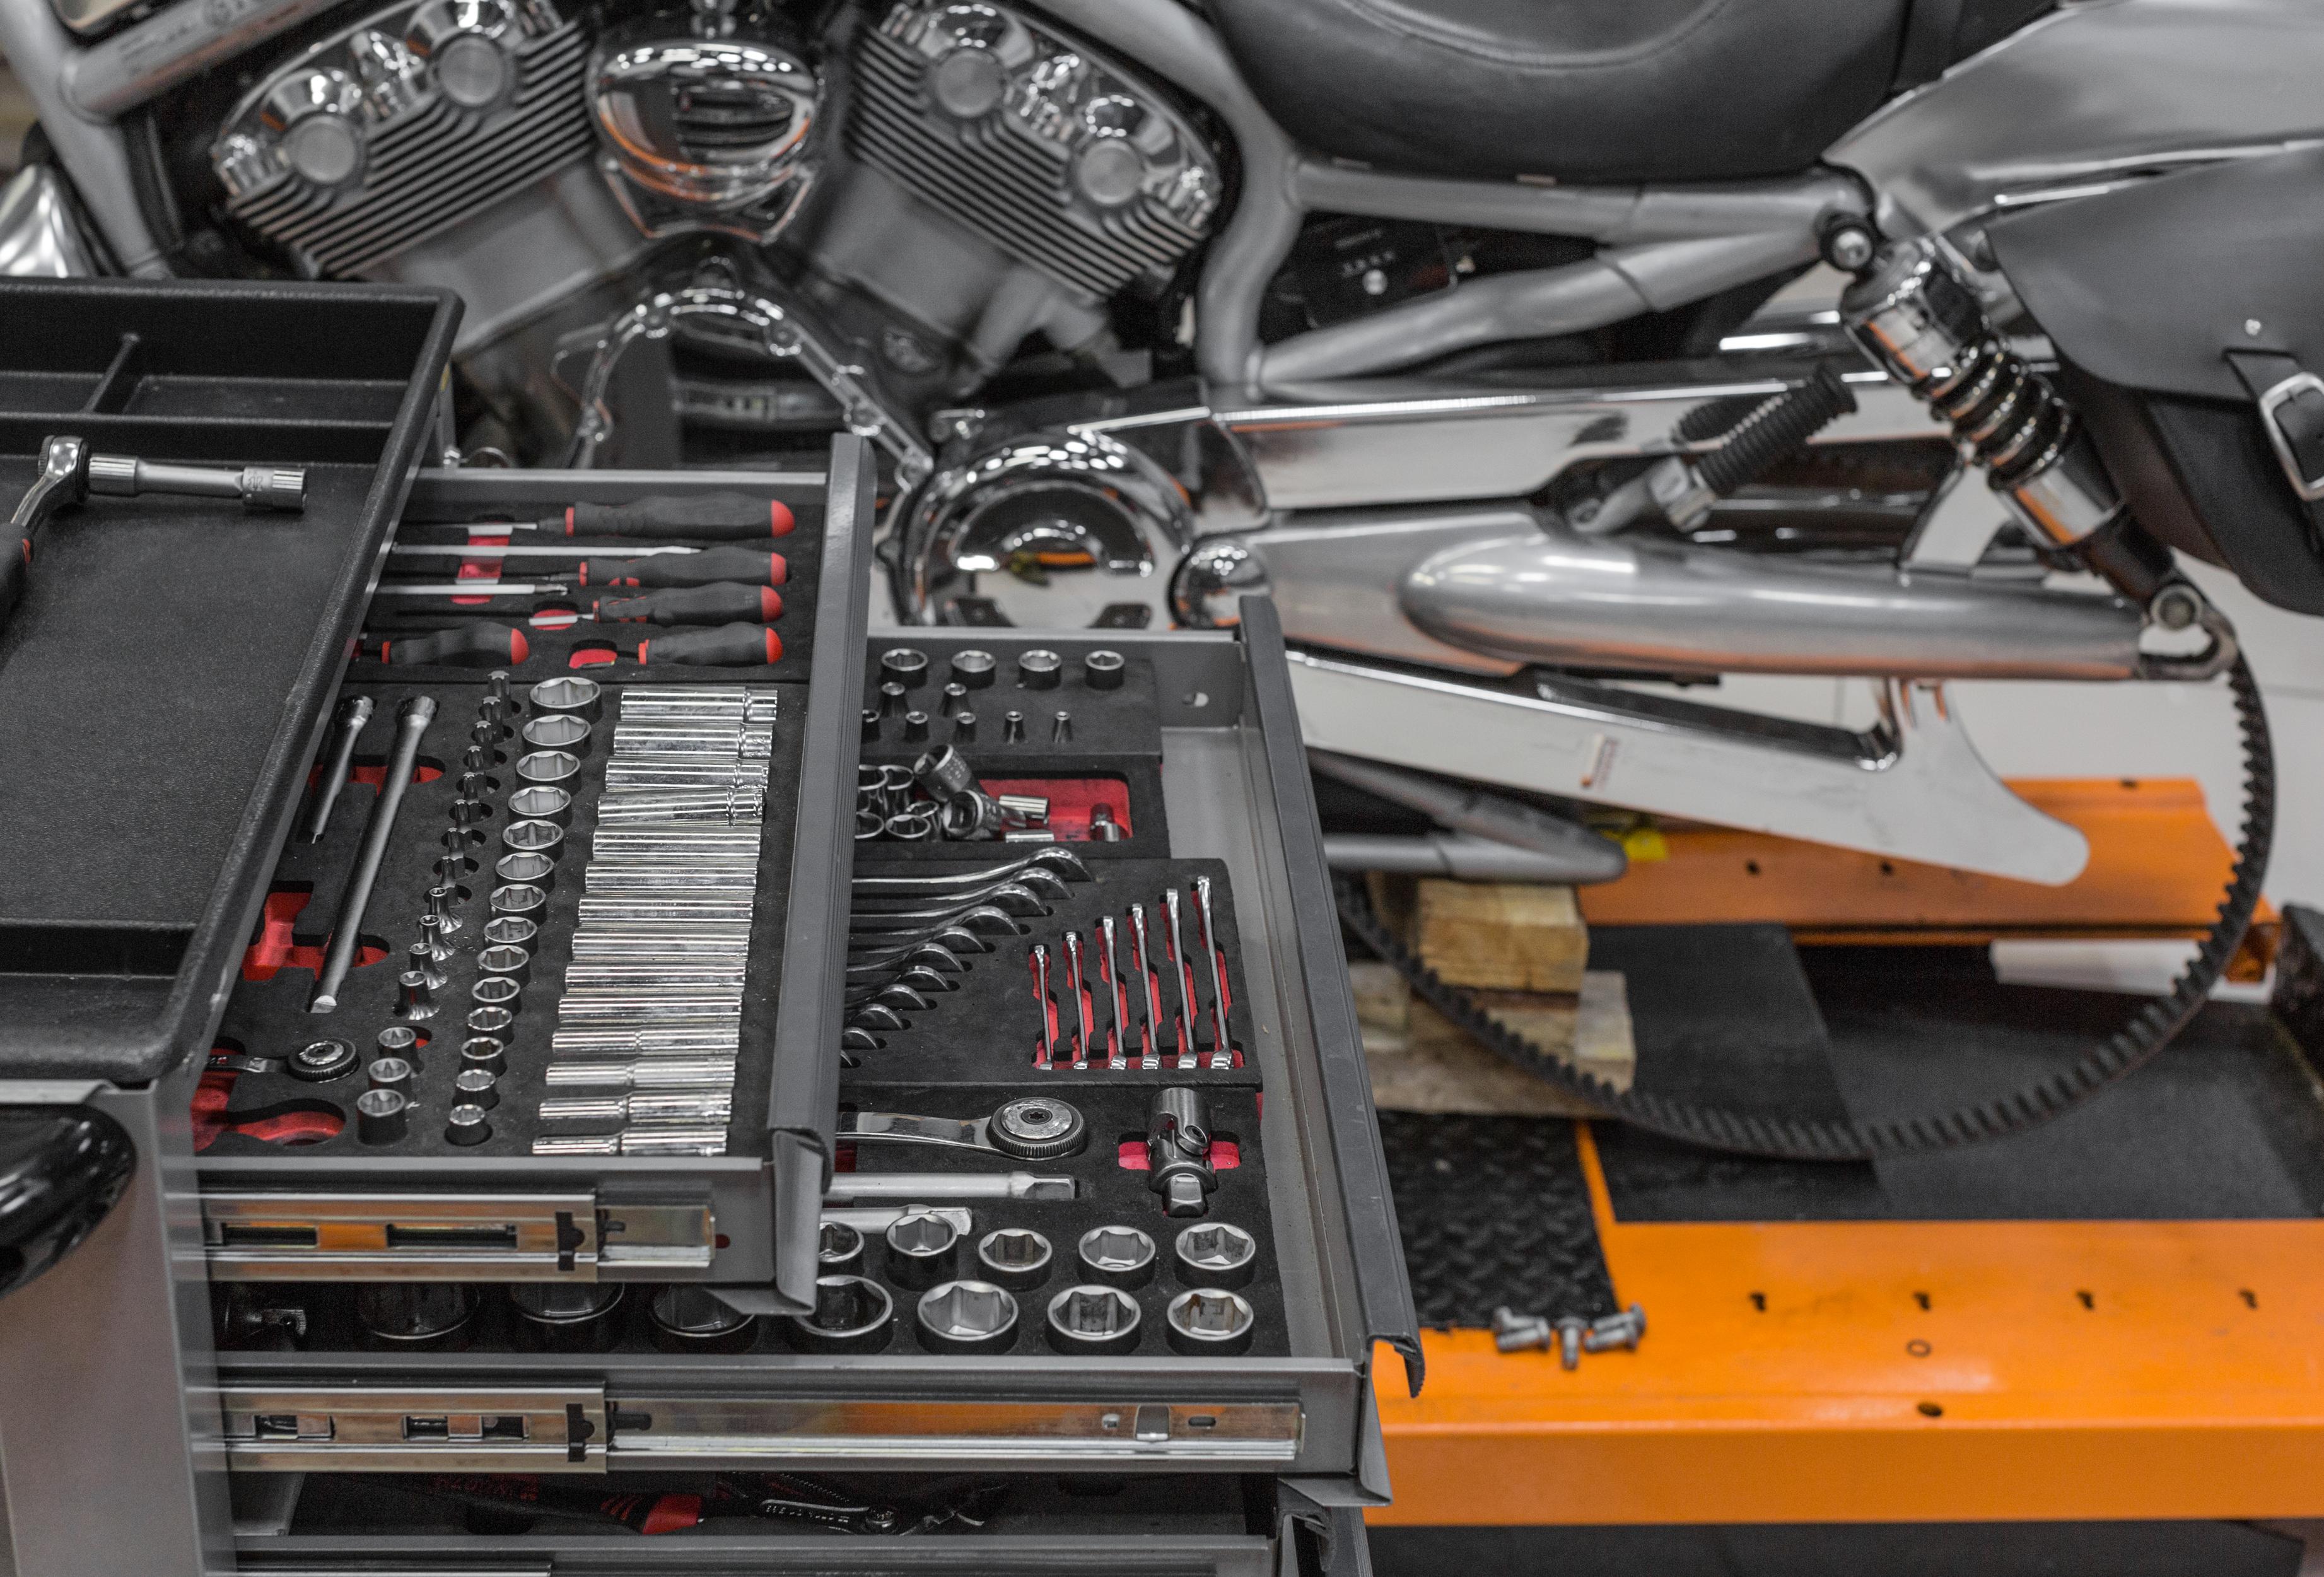 Auto Repair Shop Supplies